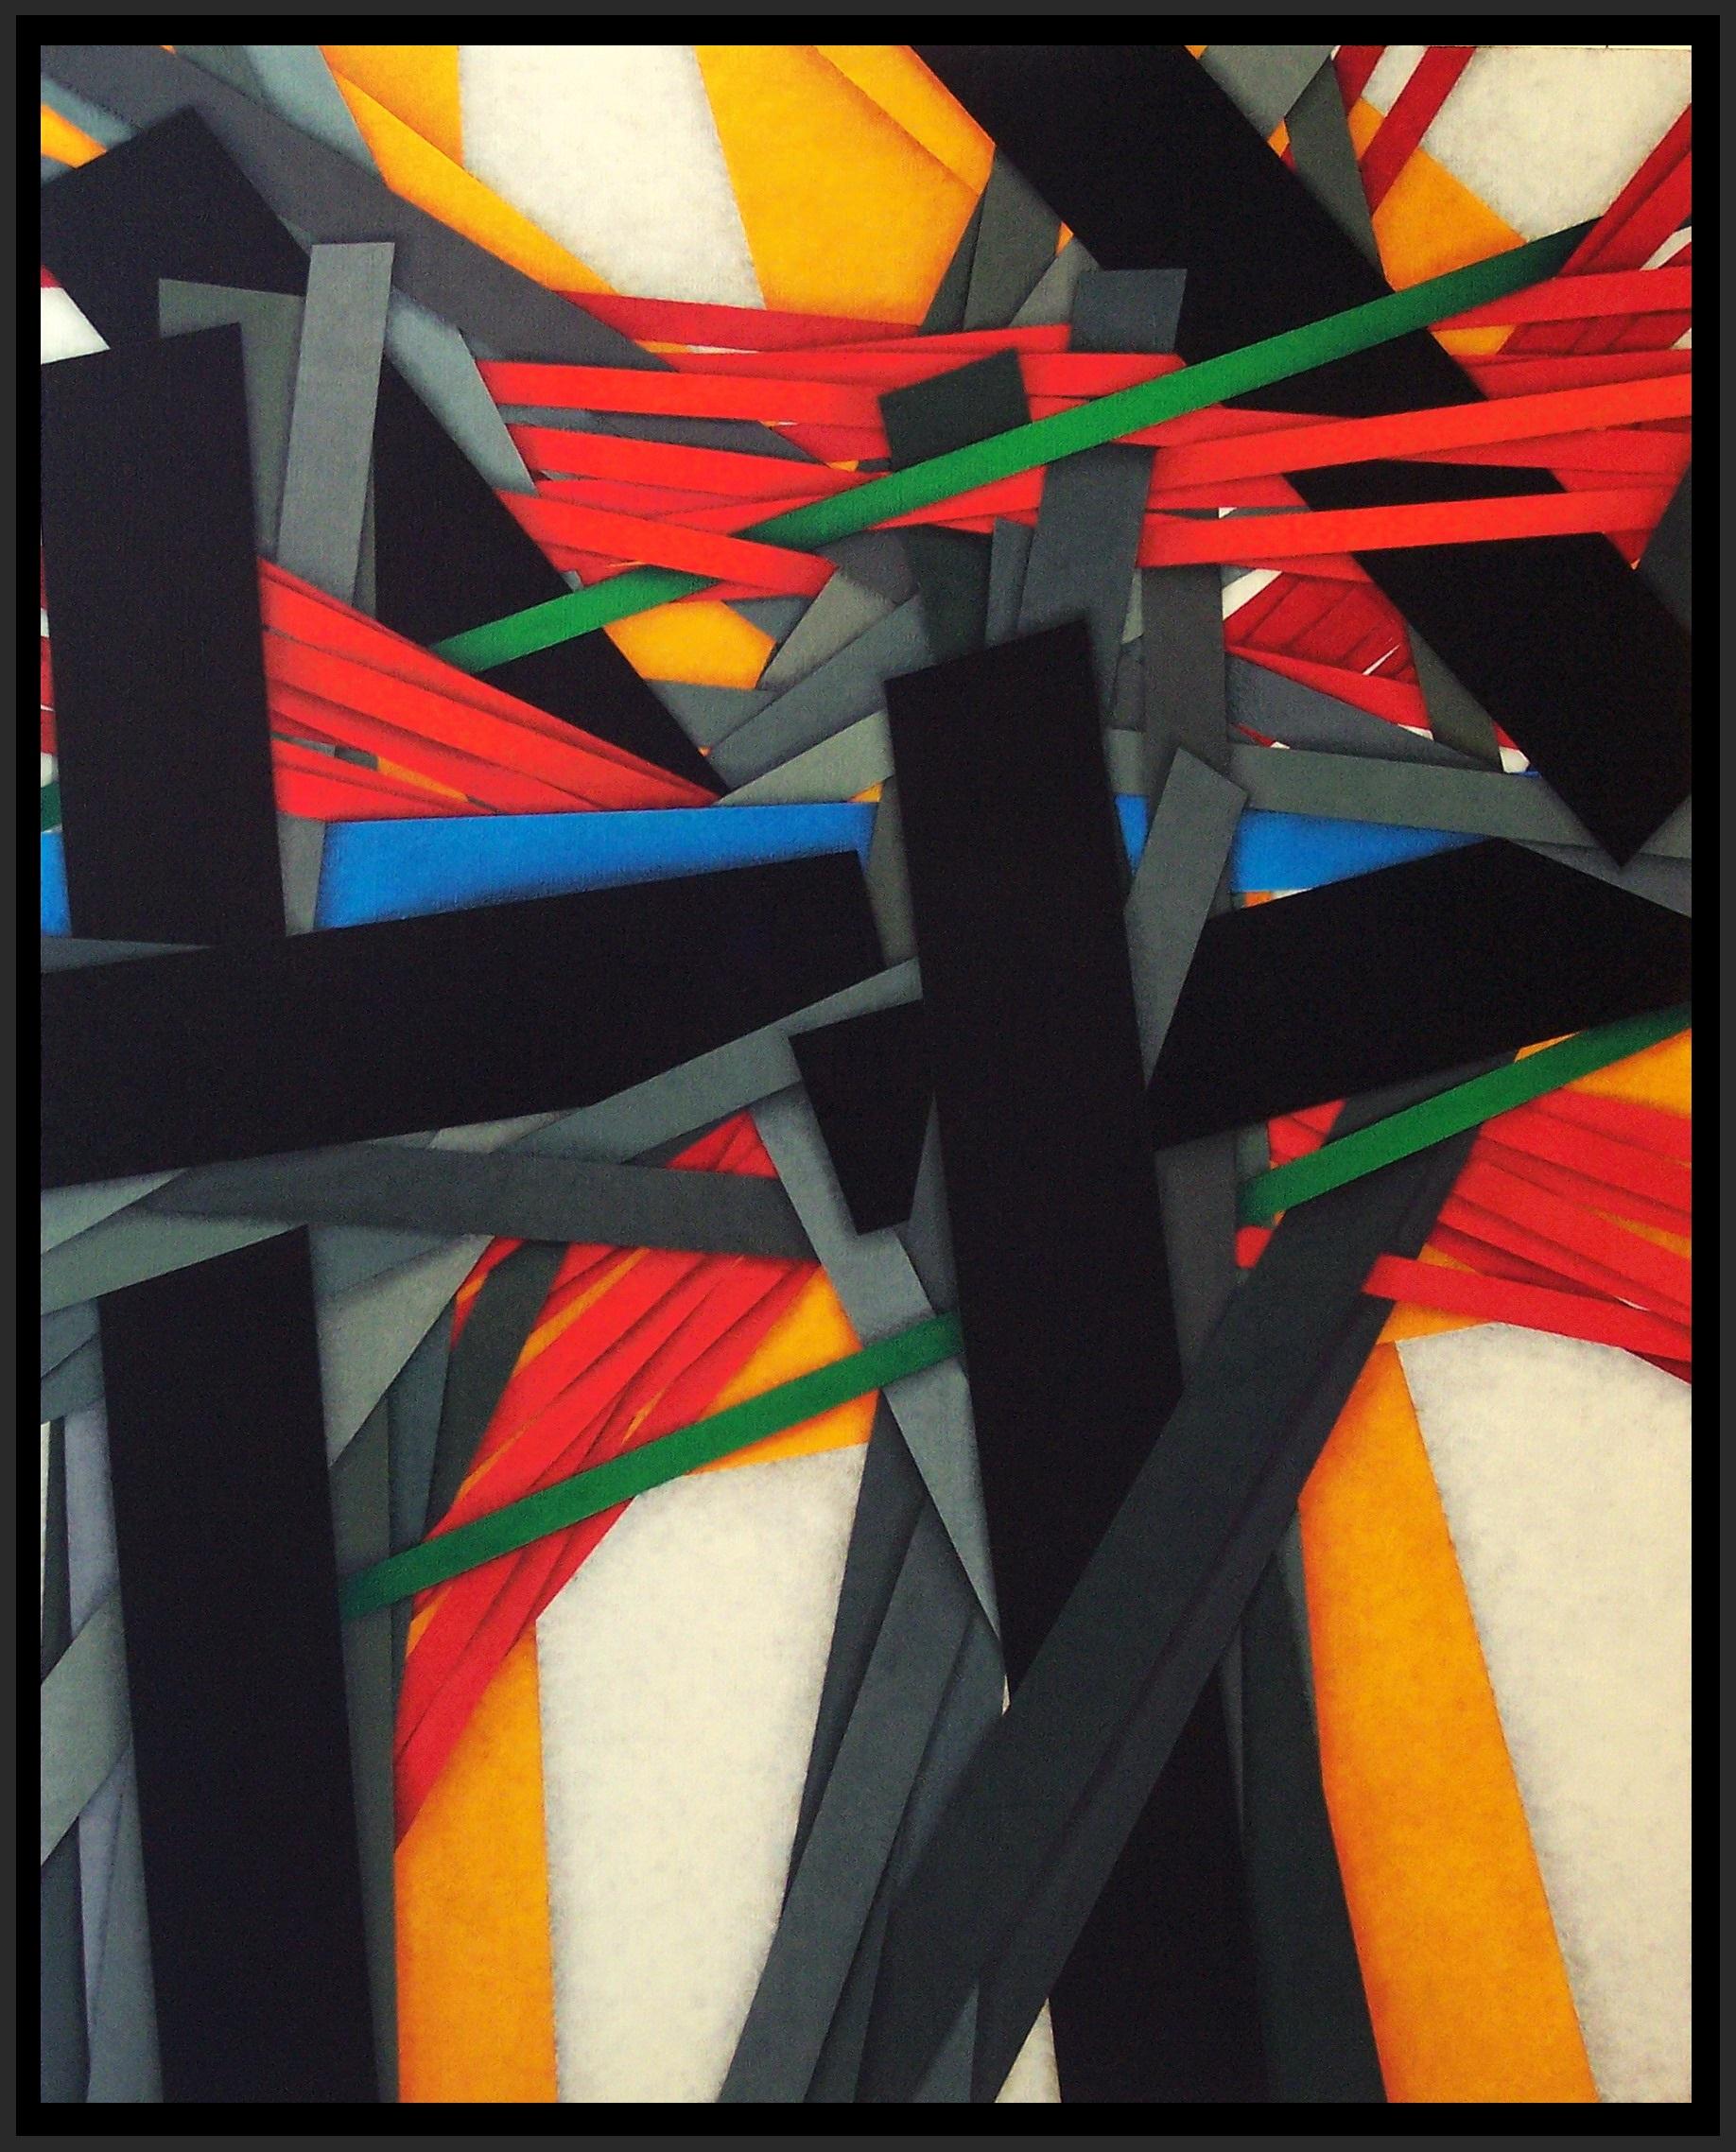 2015, Power pole 12, cm 80x100, acrylic on linen canvas